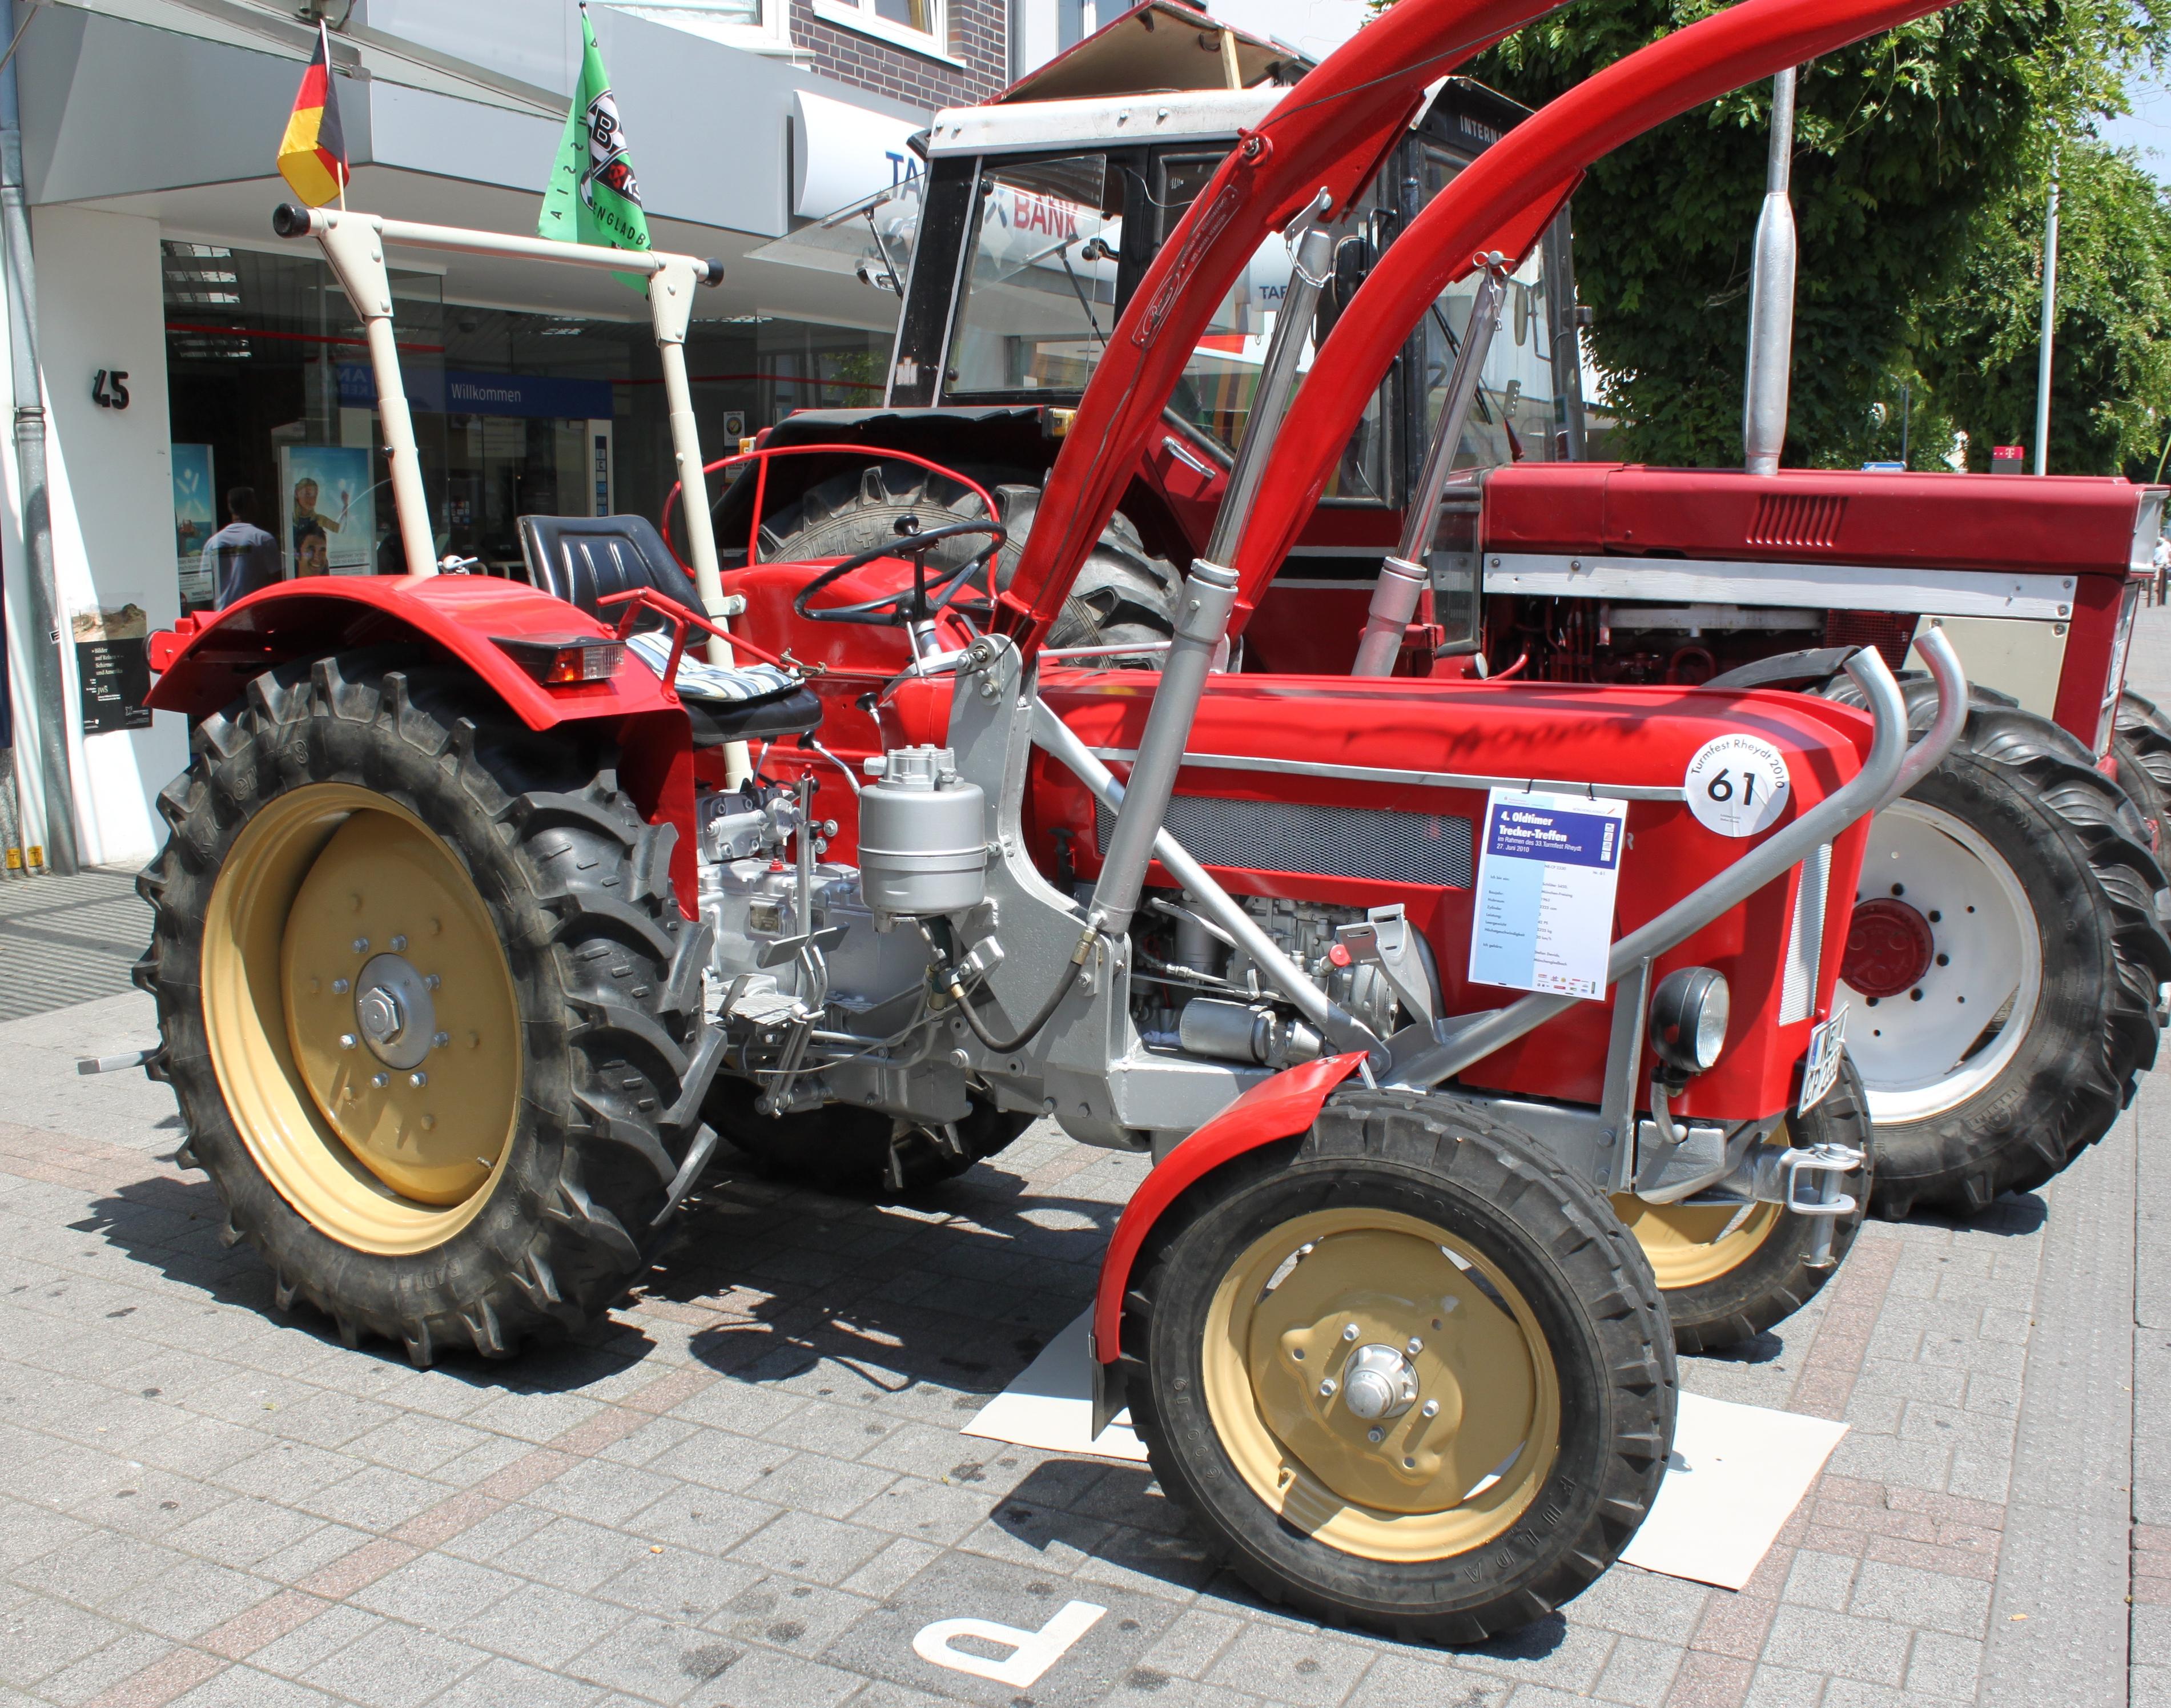 trecker kaufen gebrauchte alte traktoren trecker oldtimer. Black Bedroom Furniture Sets. Home Design Ideas